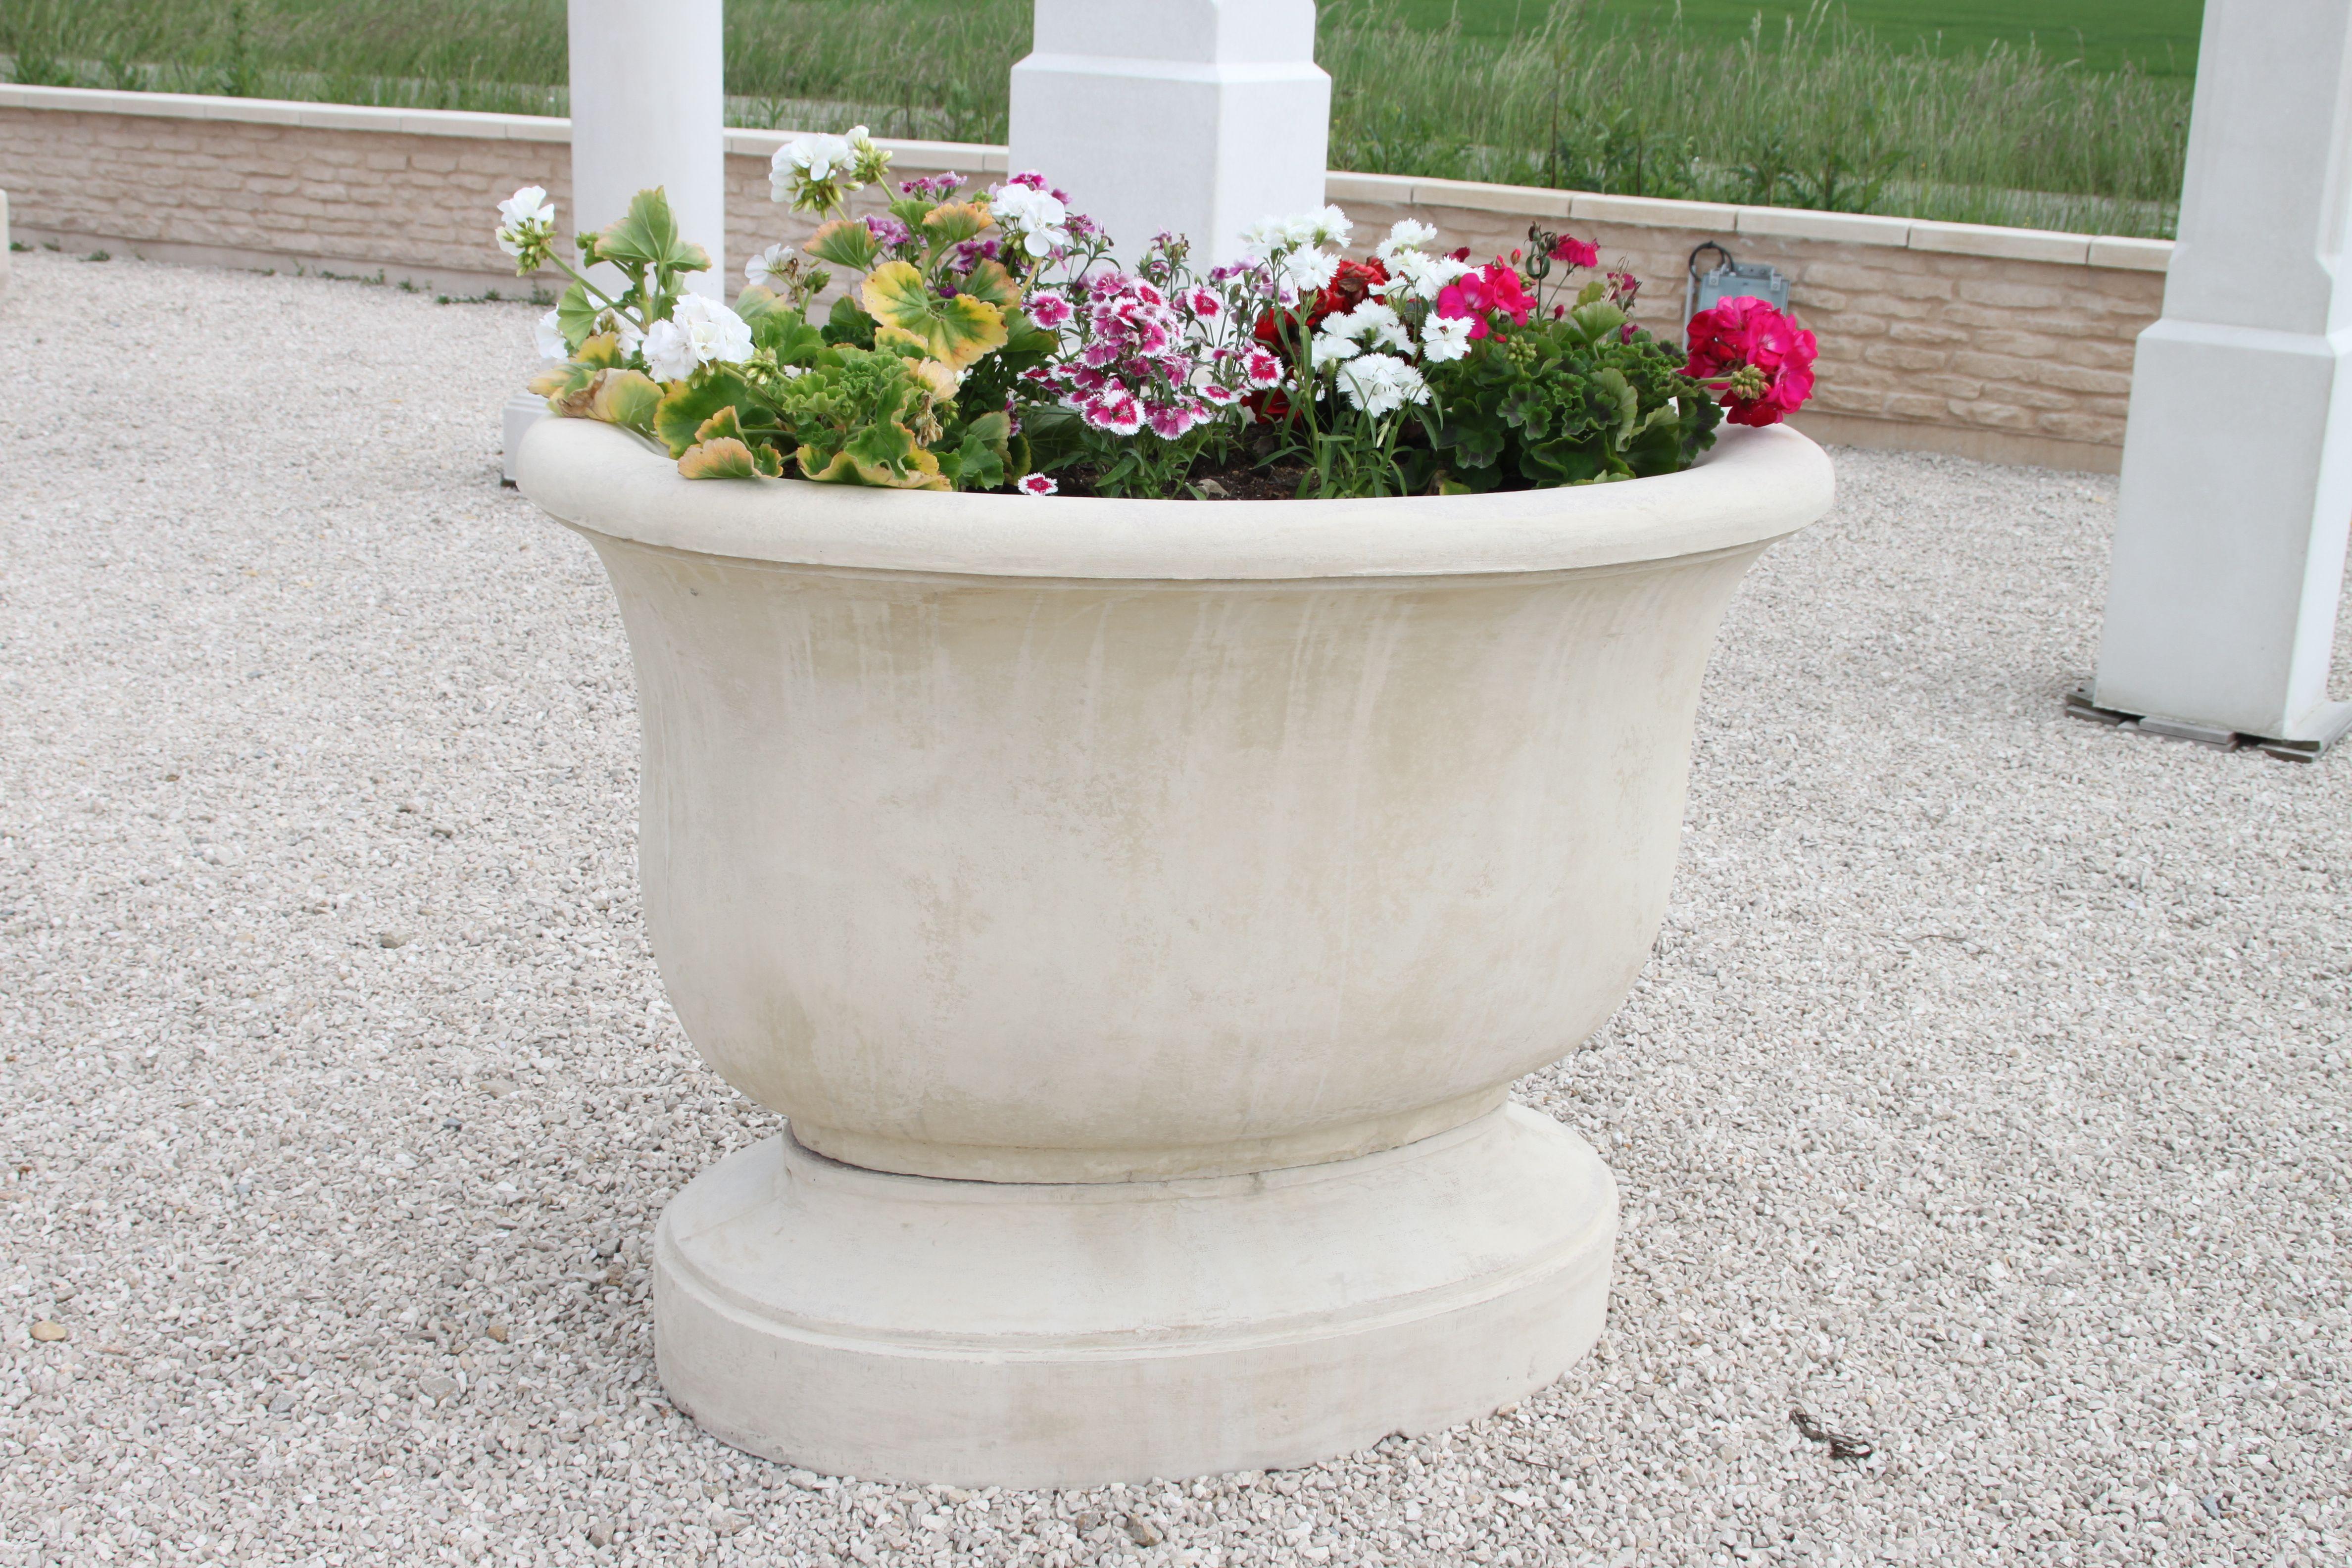 Épinglé sur Vasques de jardin en pierre reconstituée